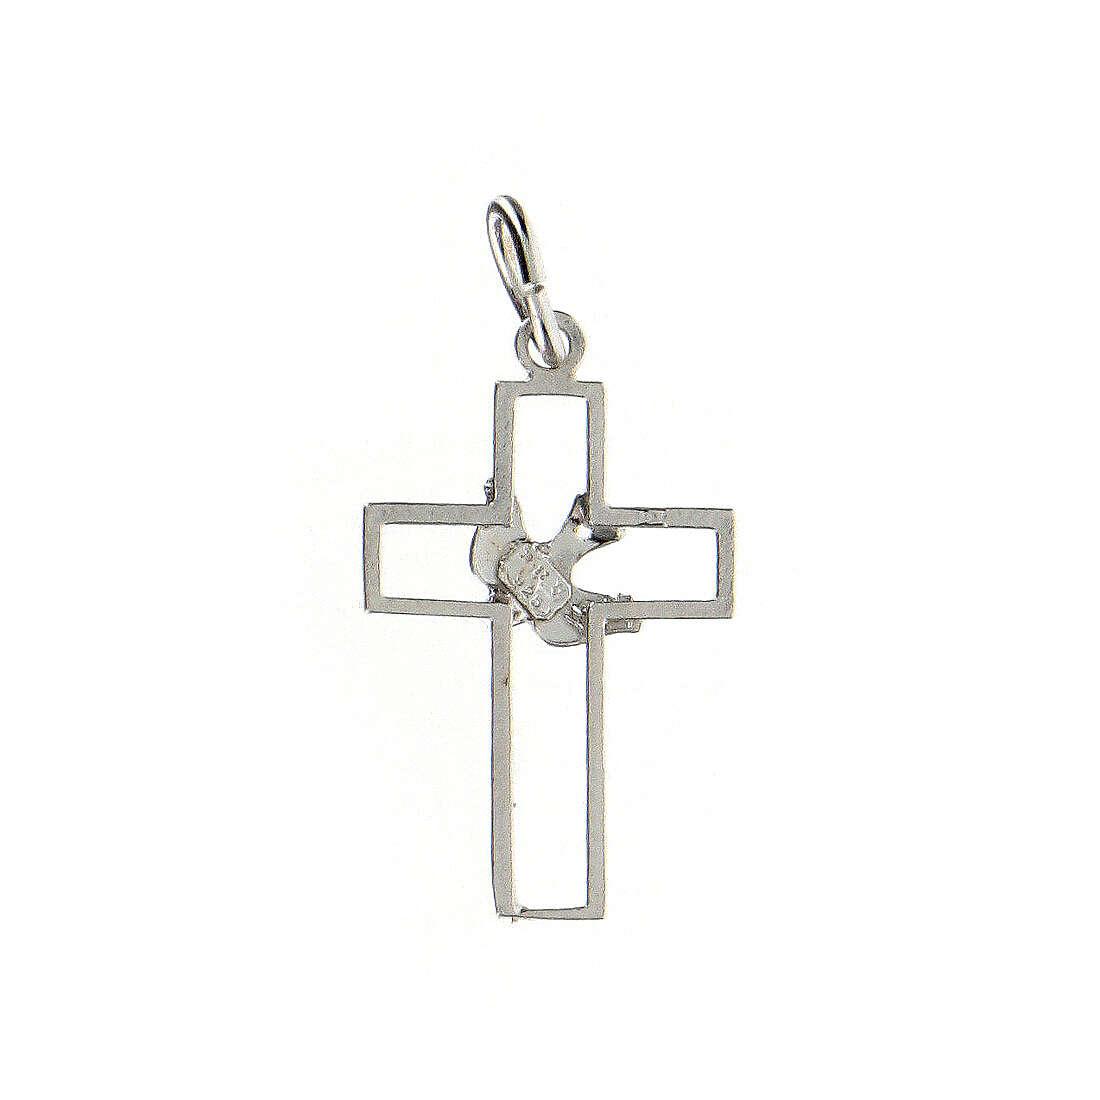 Pendente croce traforata sottile colomba argento 925 4